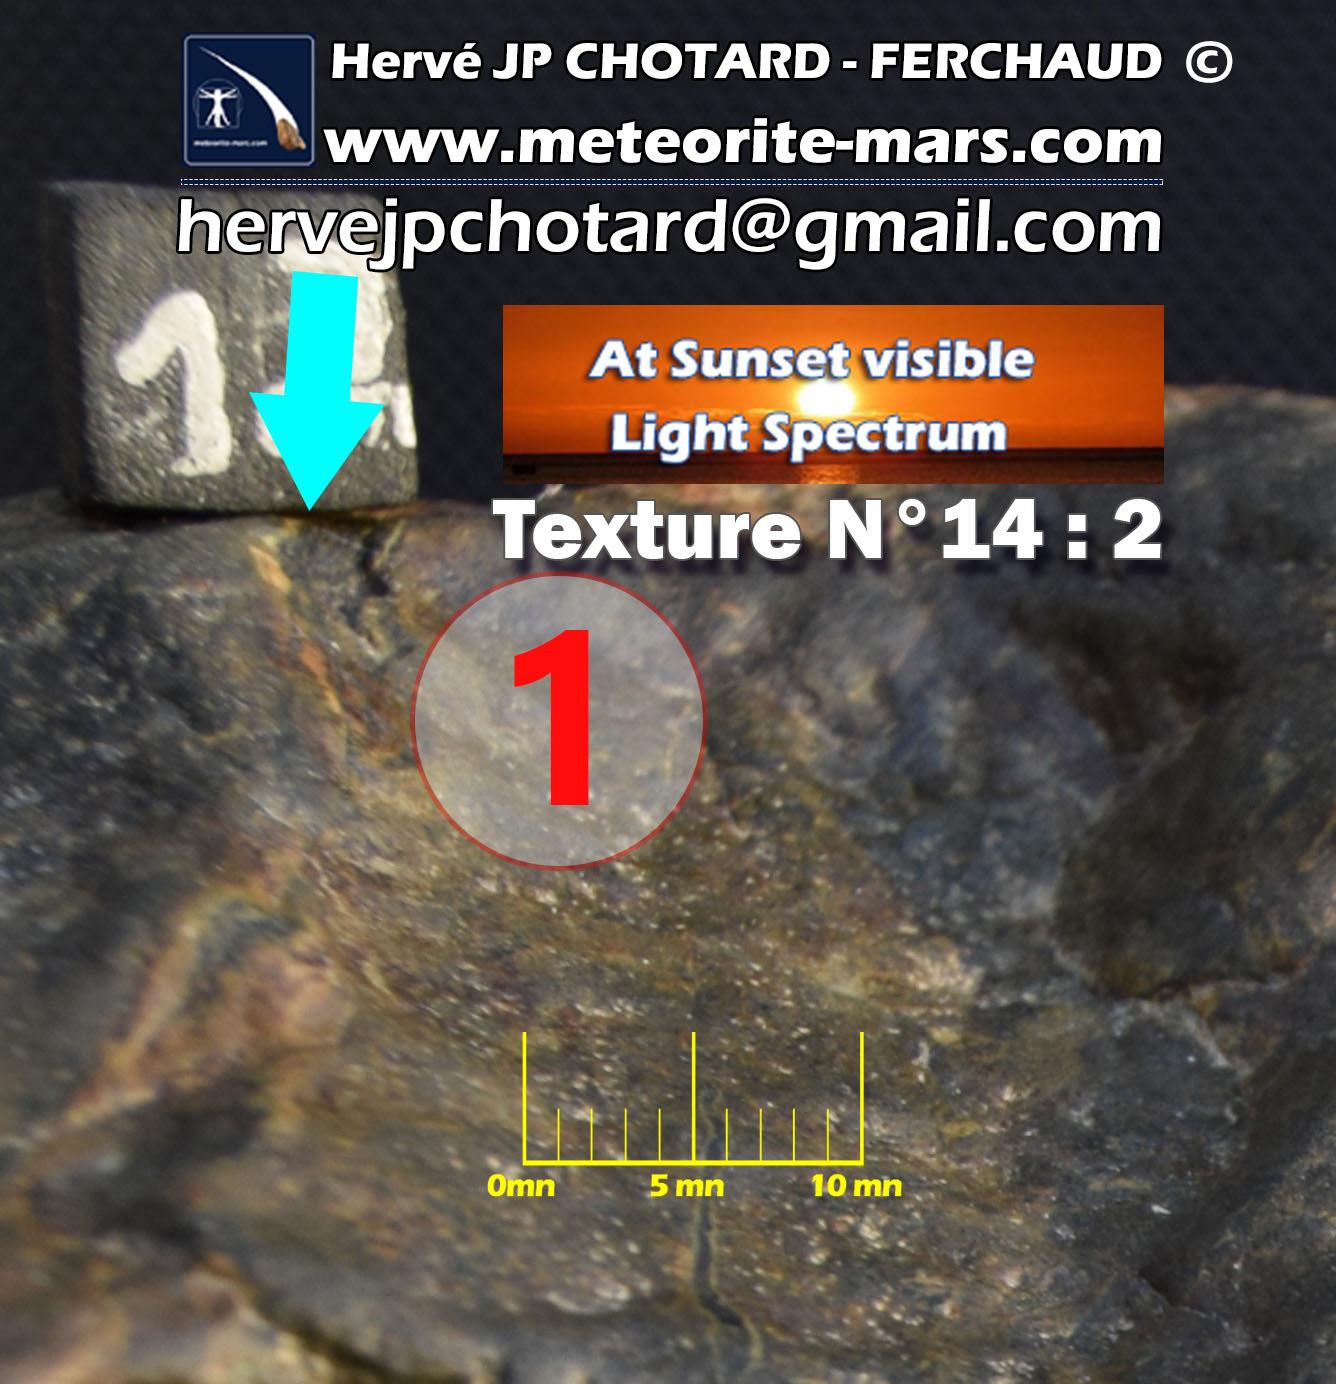 Texture N°14-2 meteorite-mars.com